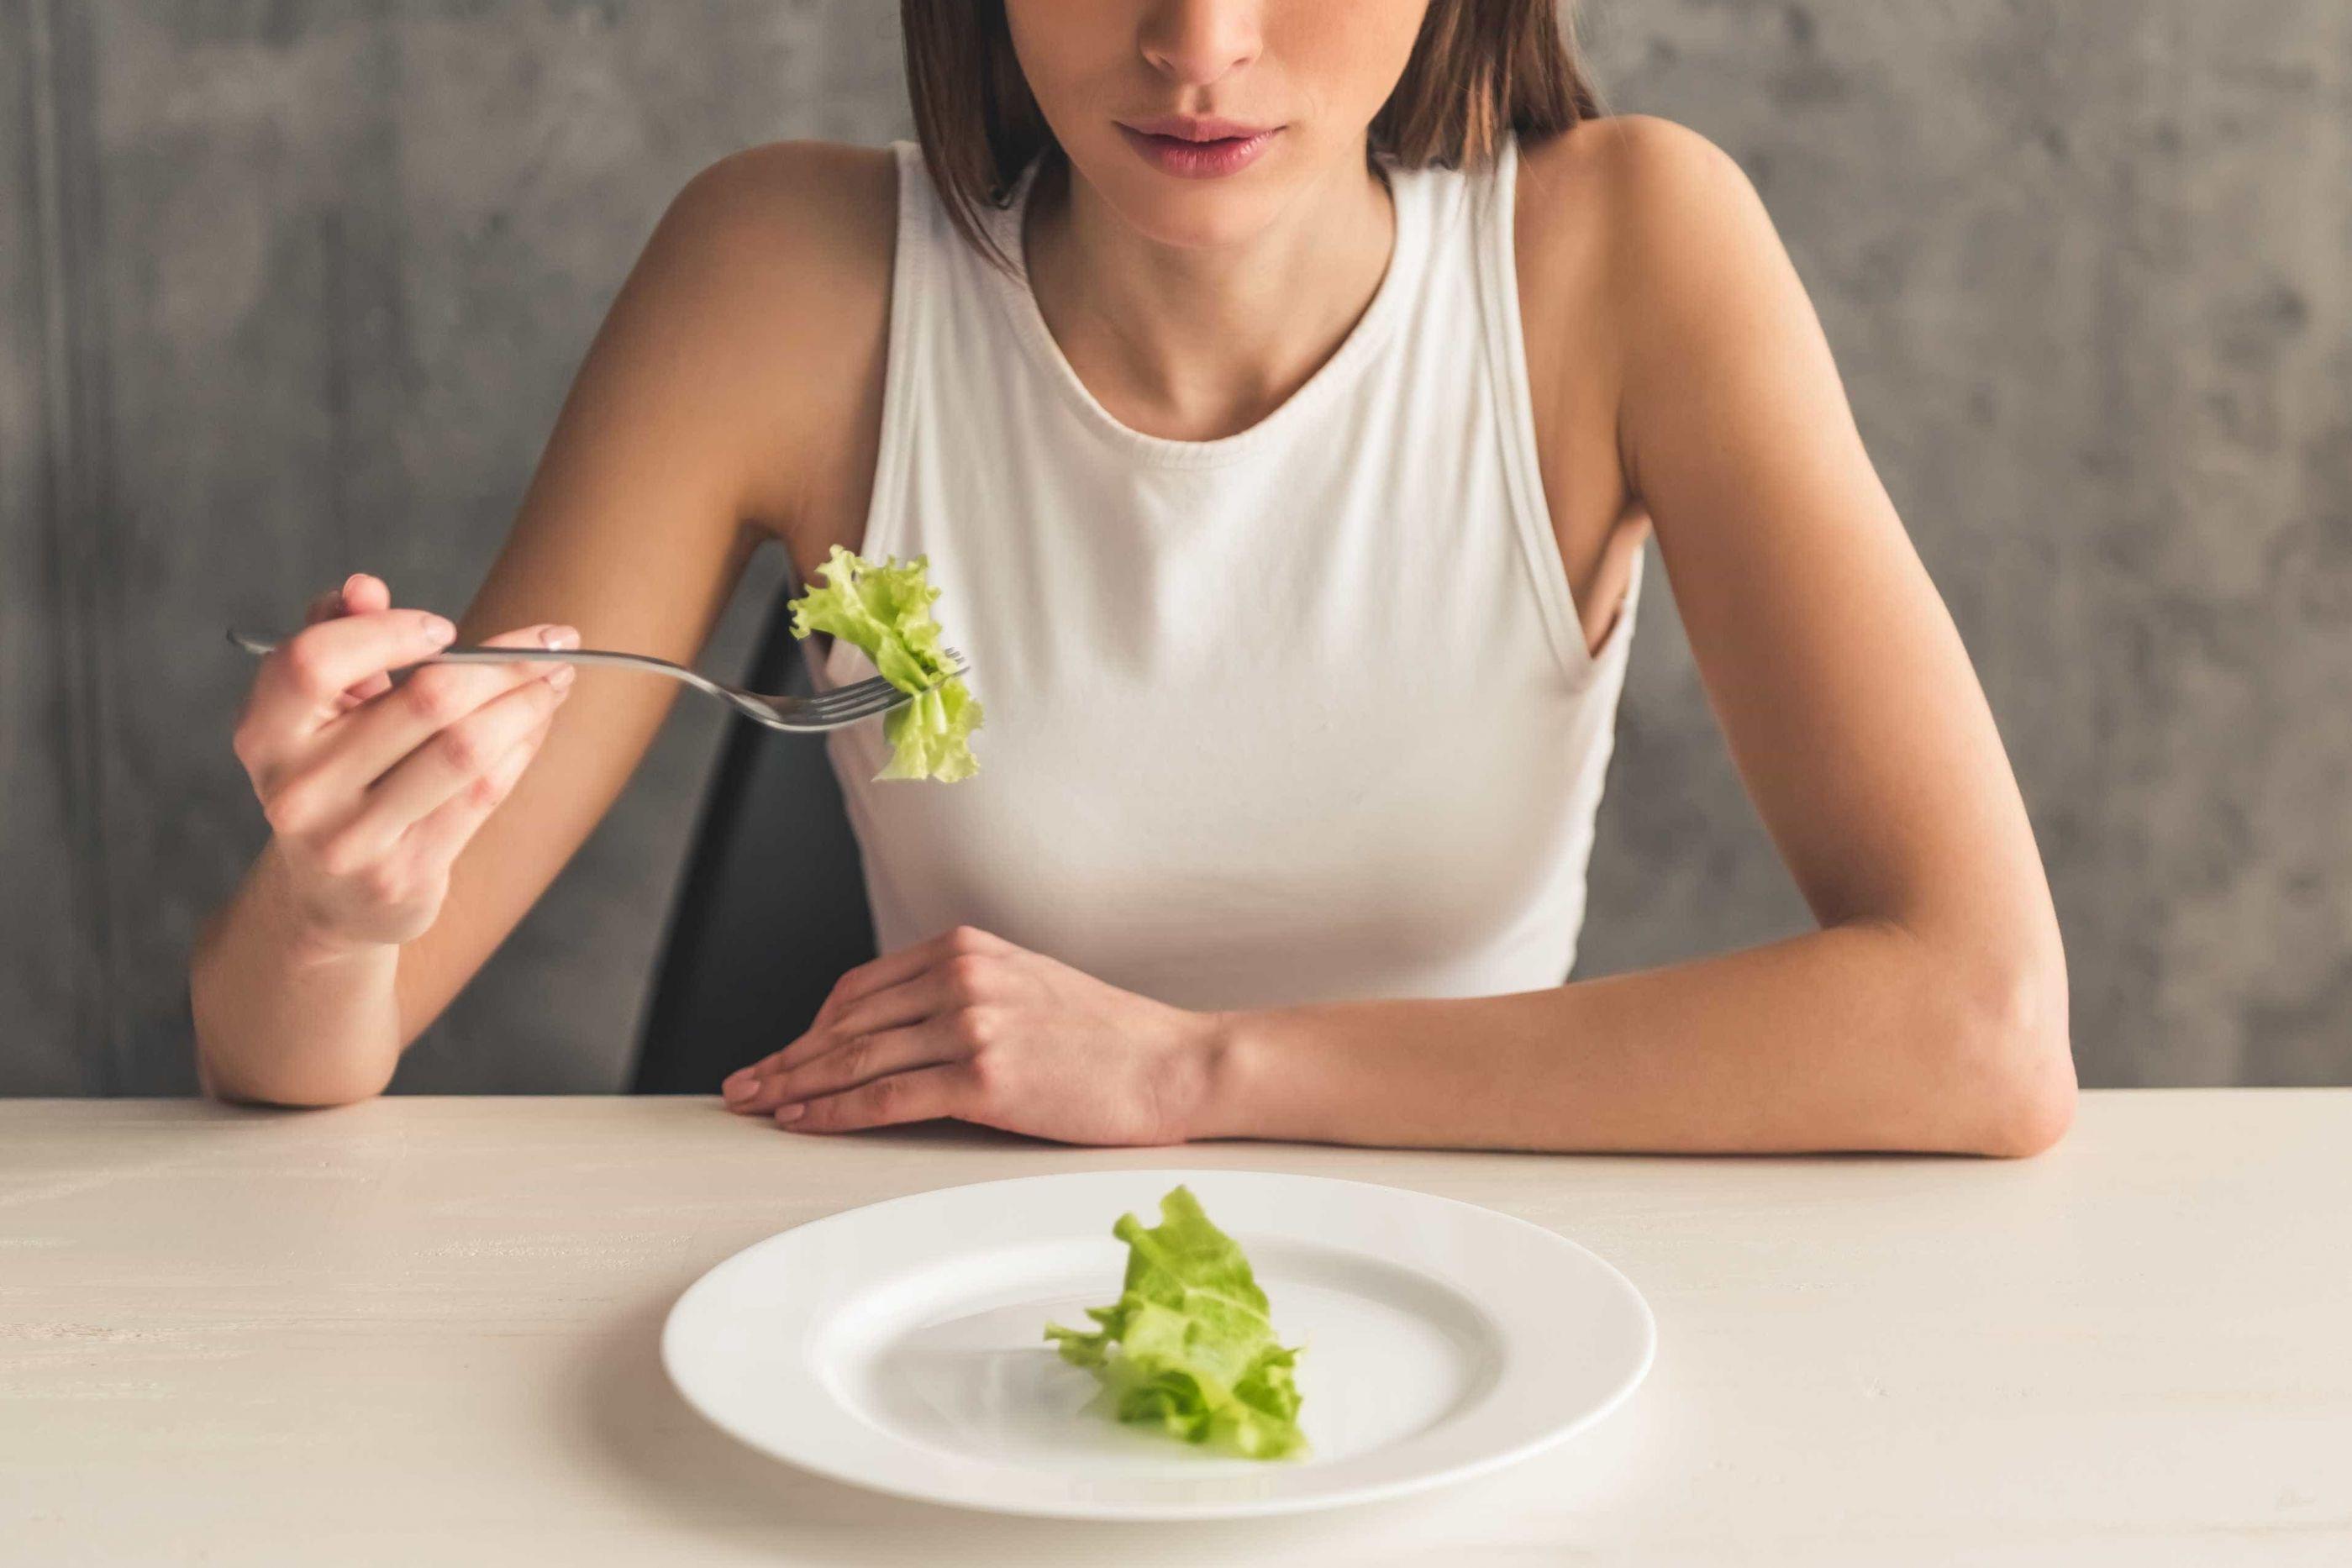 Não almoçou? Entenda o que saltar uma refeição faz ao seu corpo